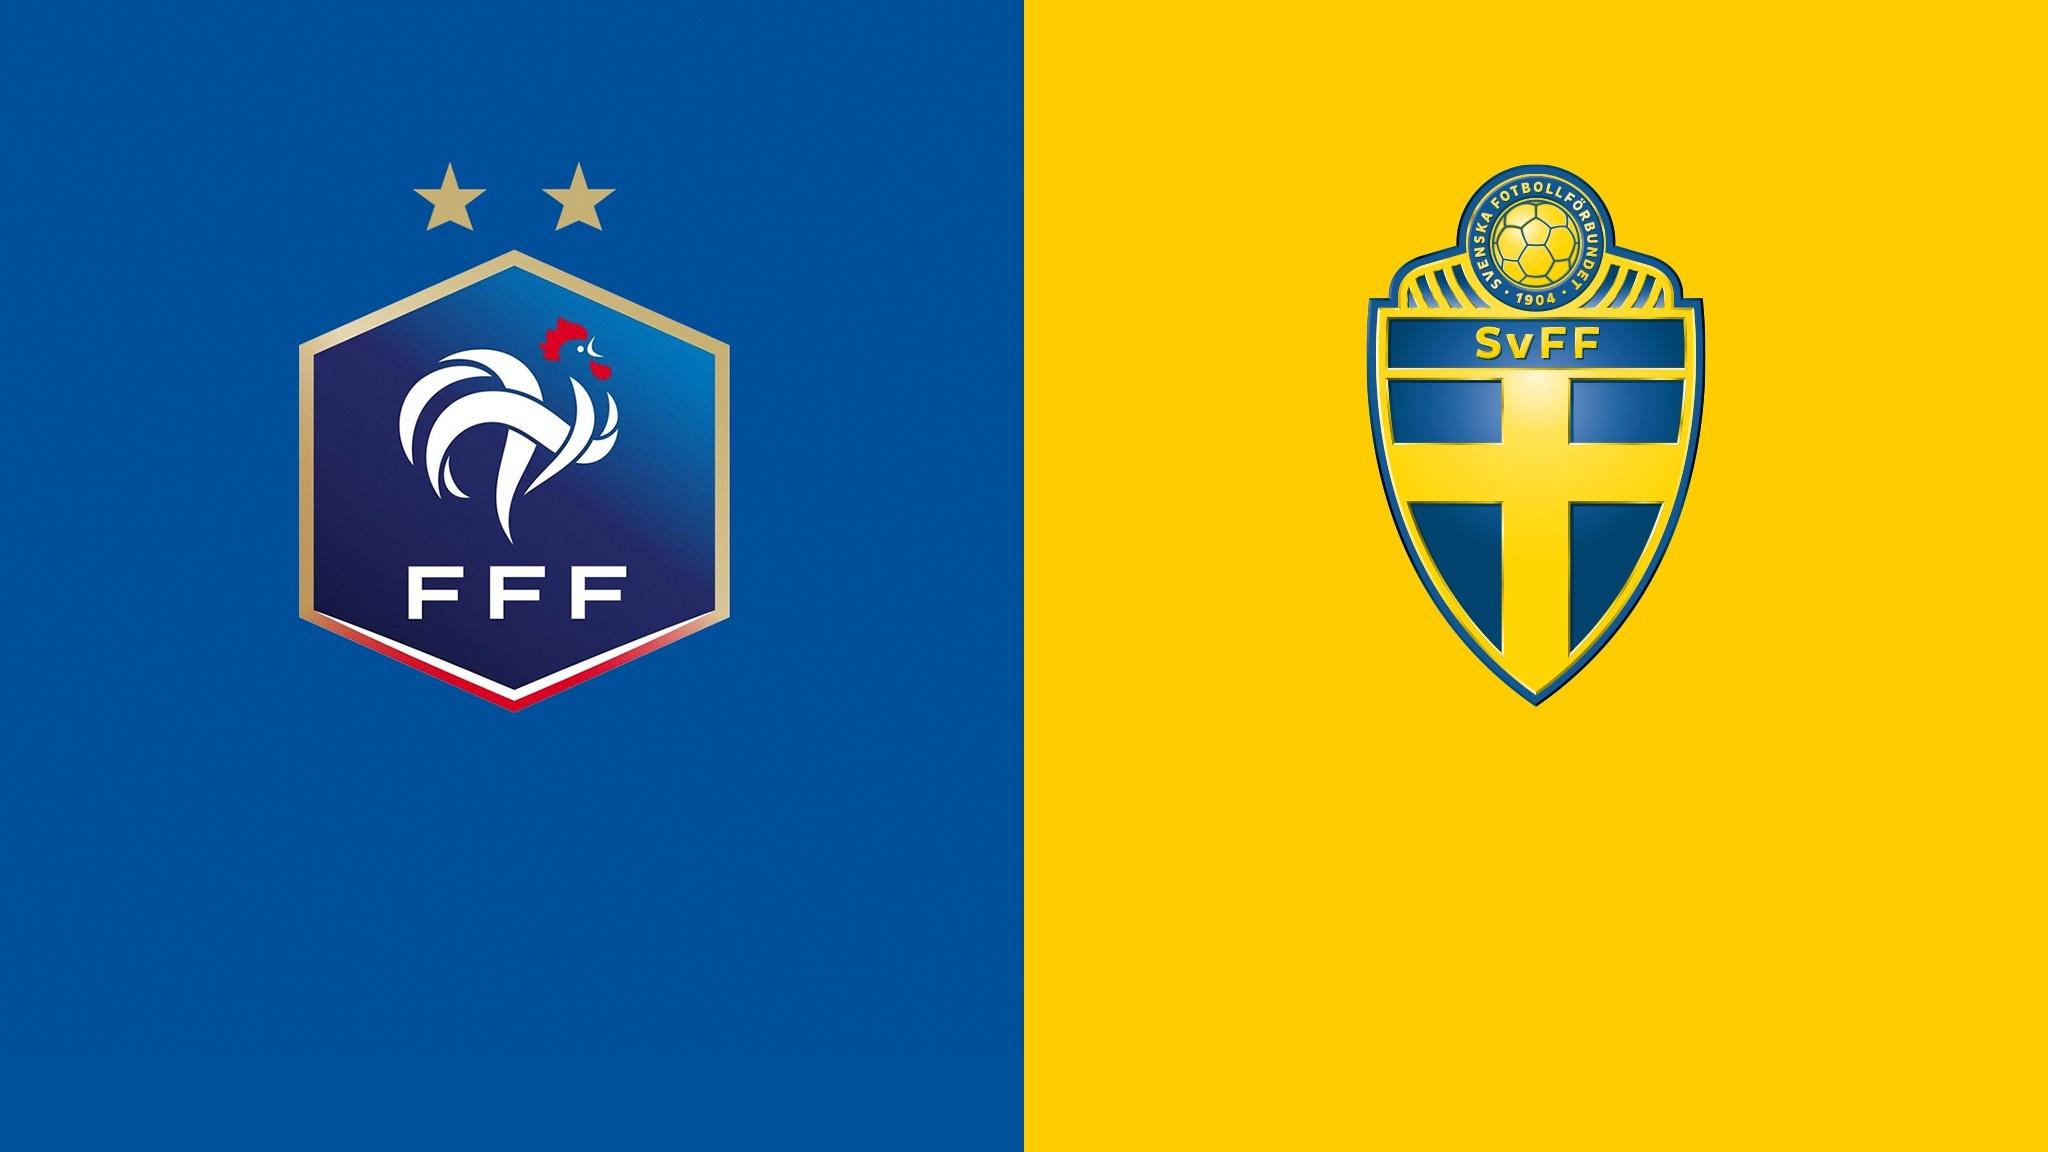 Frankreich Schweden Live Stream | Gratismonat Starten